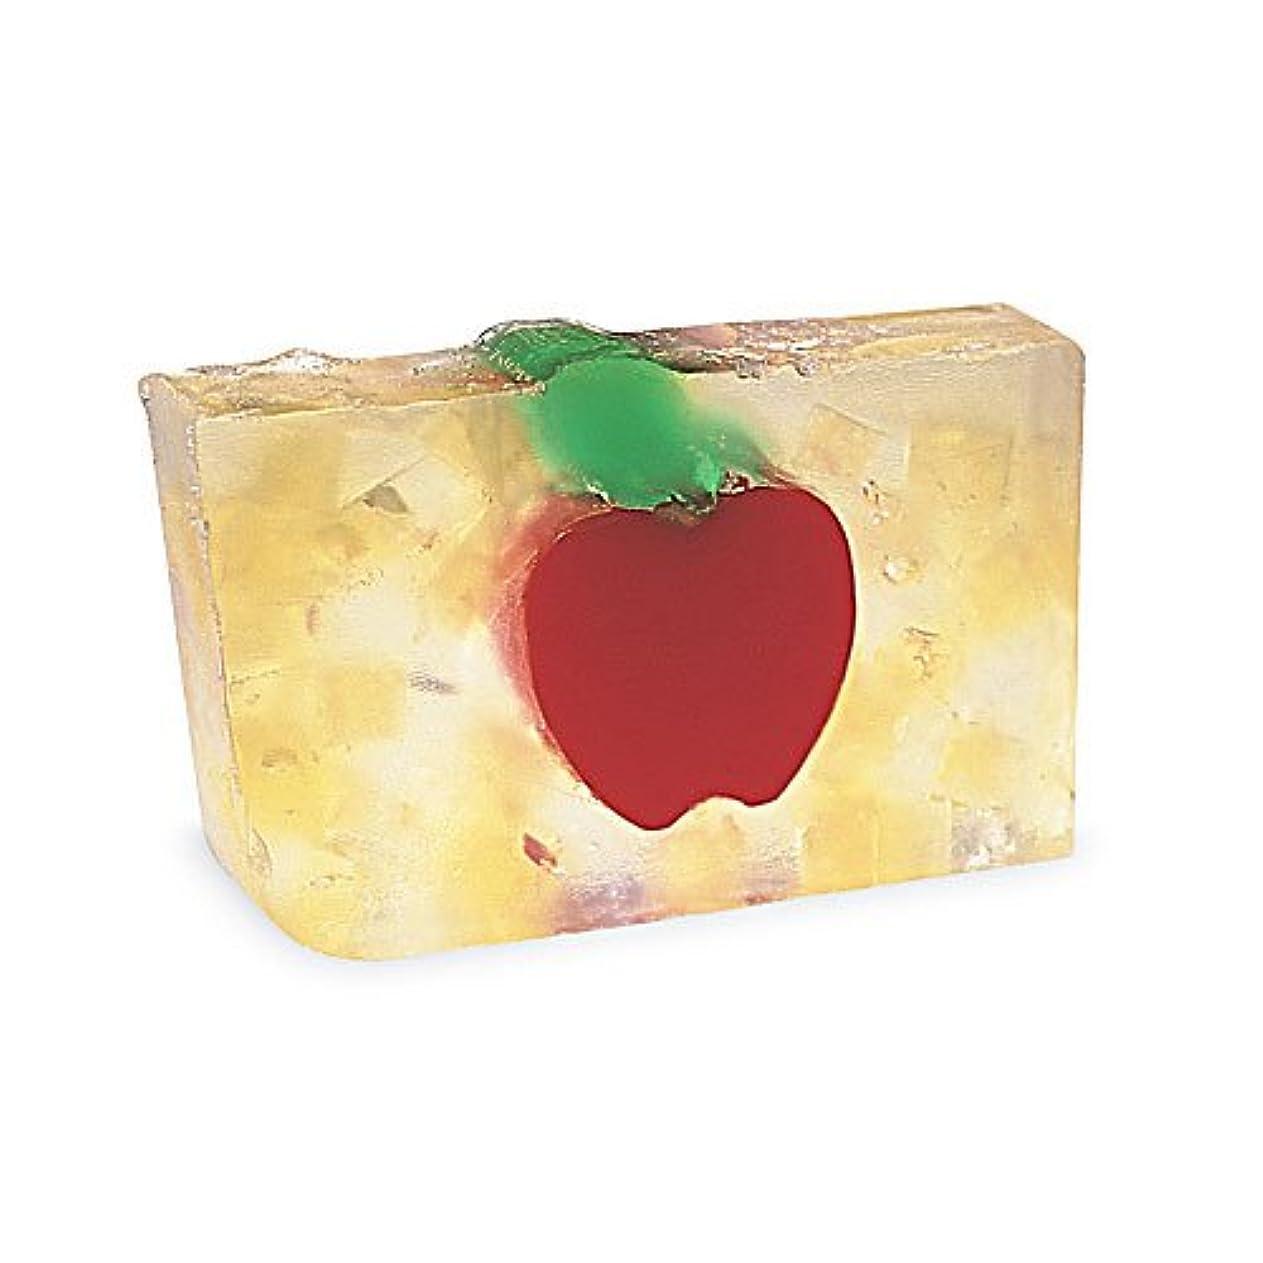 寄付凍ったコメンテータープライモールエレメンツ アロマティック ソープ ビッグアップル 180g 植物性 ナチュラル 石鹸 無添加